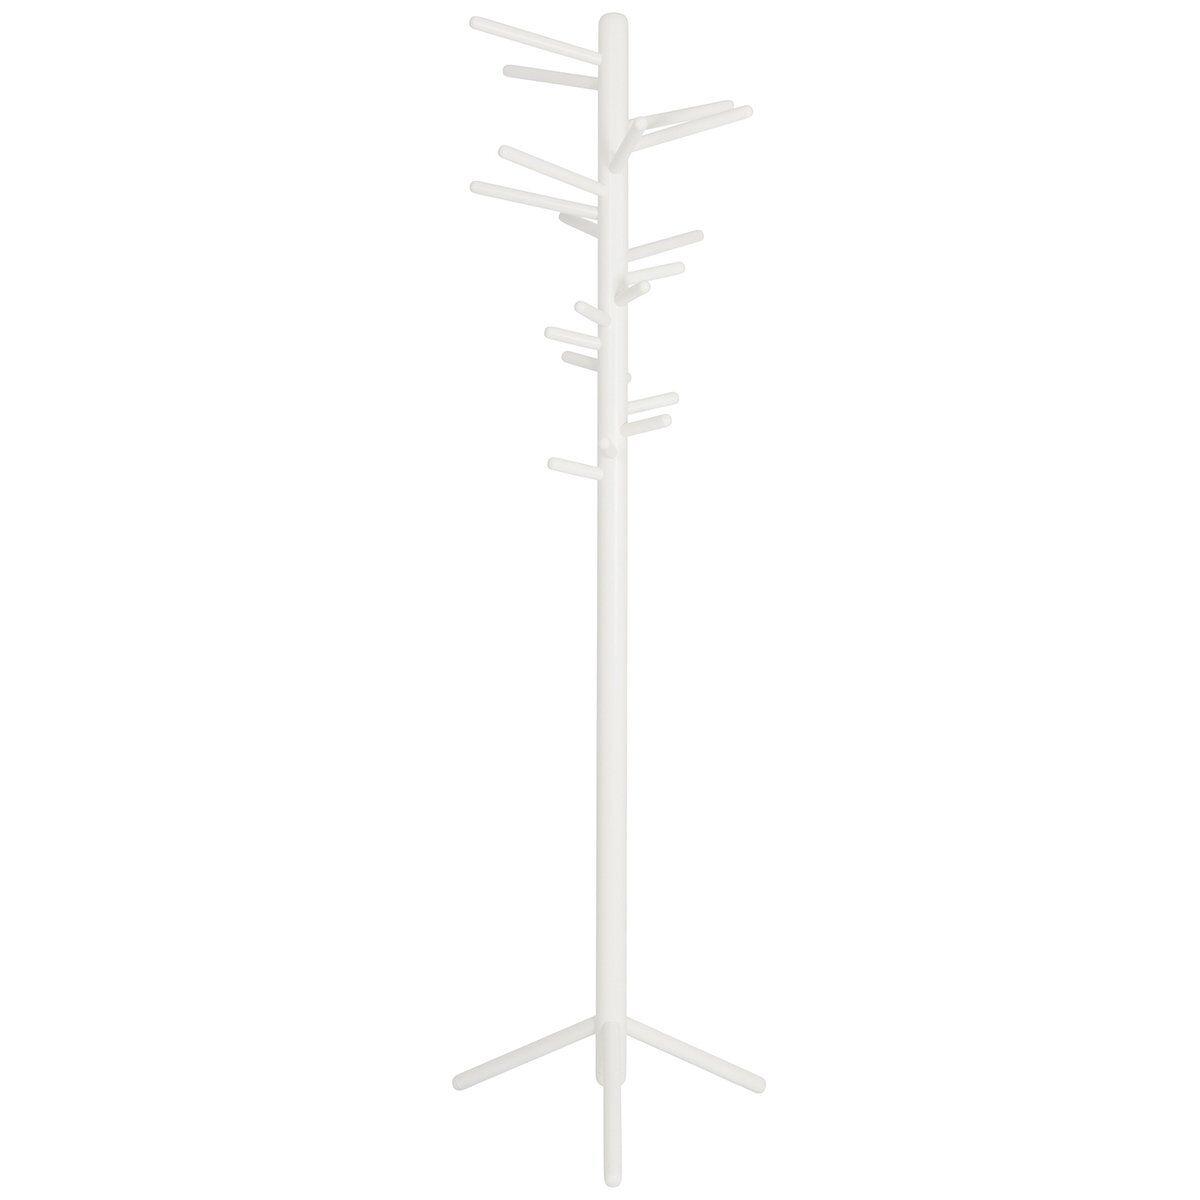 Artek 160 clothes tree, white